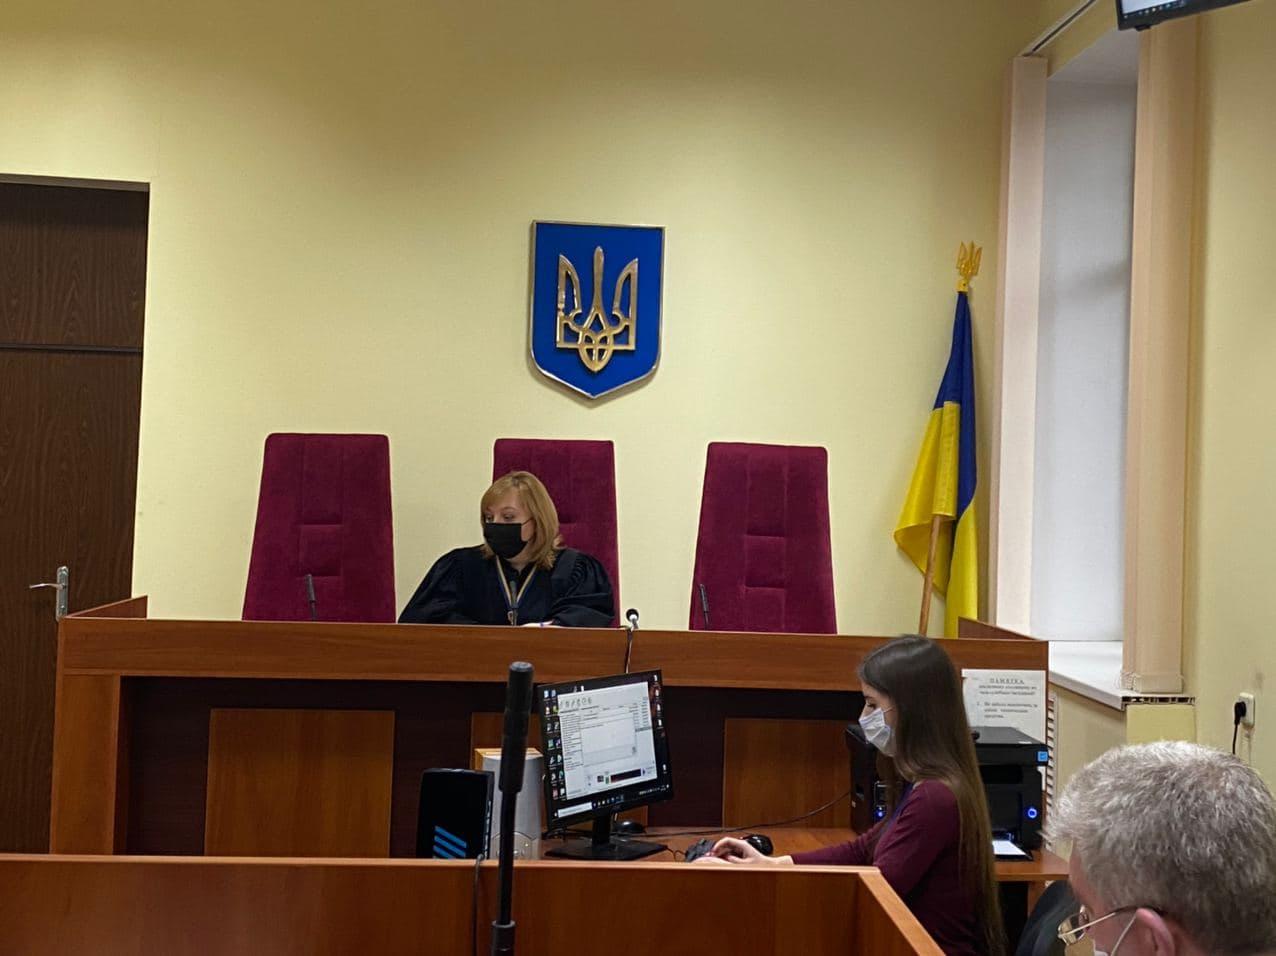 Явиться в суд Штепе помешало участие в заседании комиссии горсовета